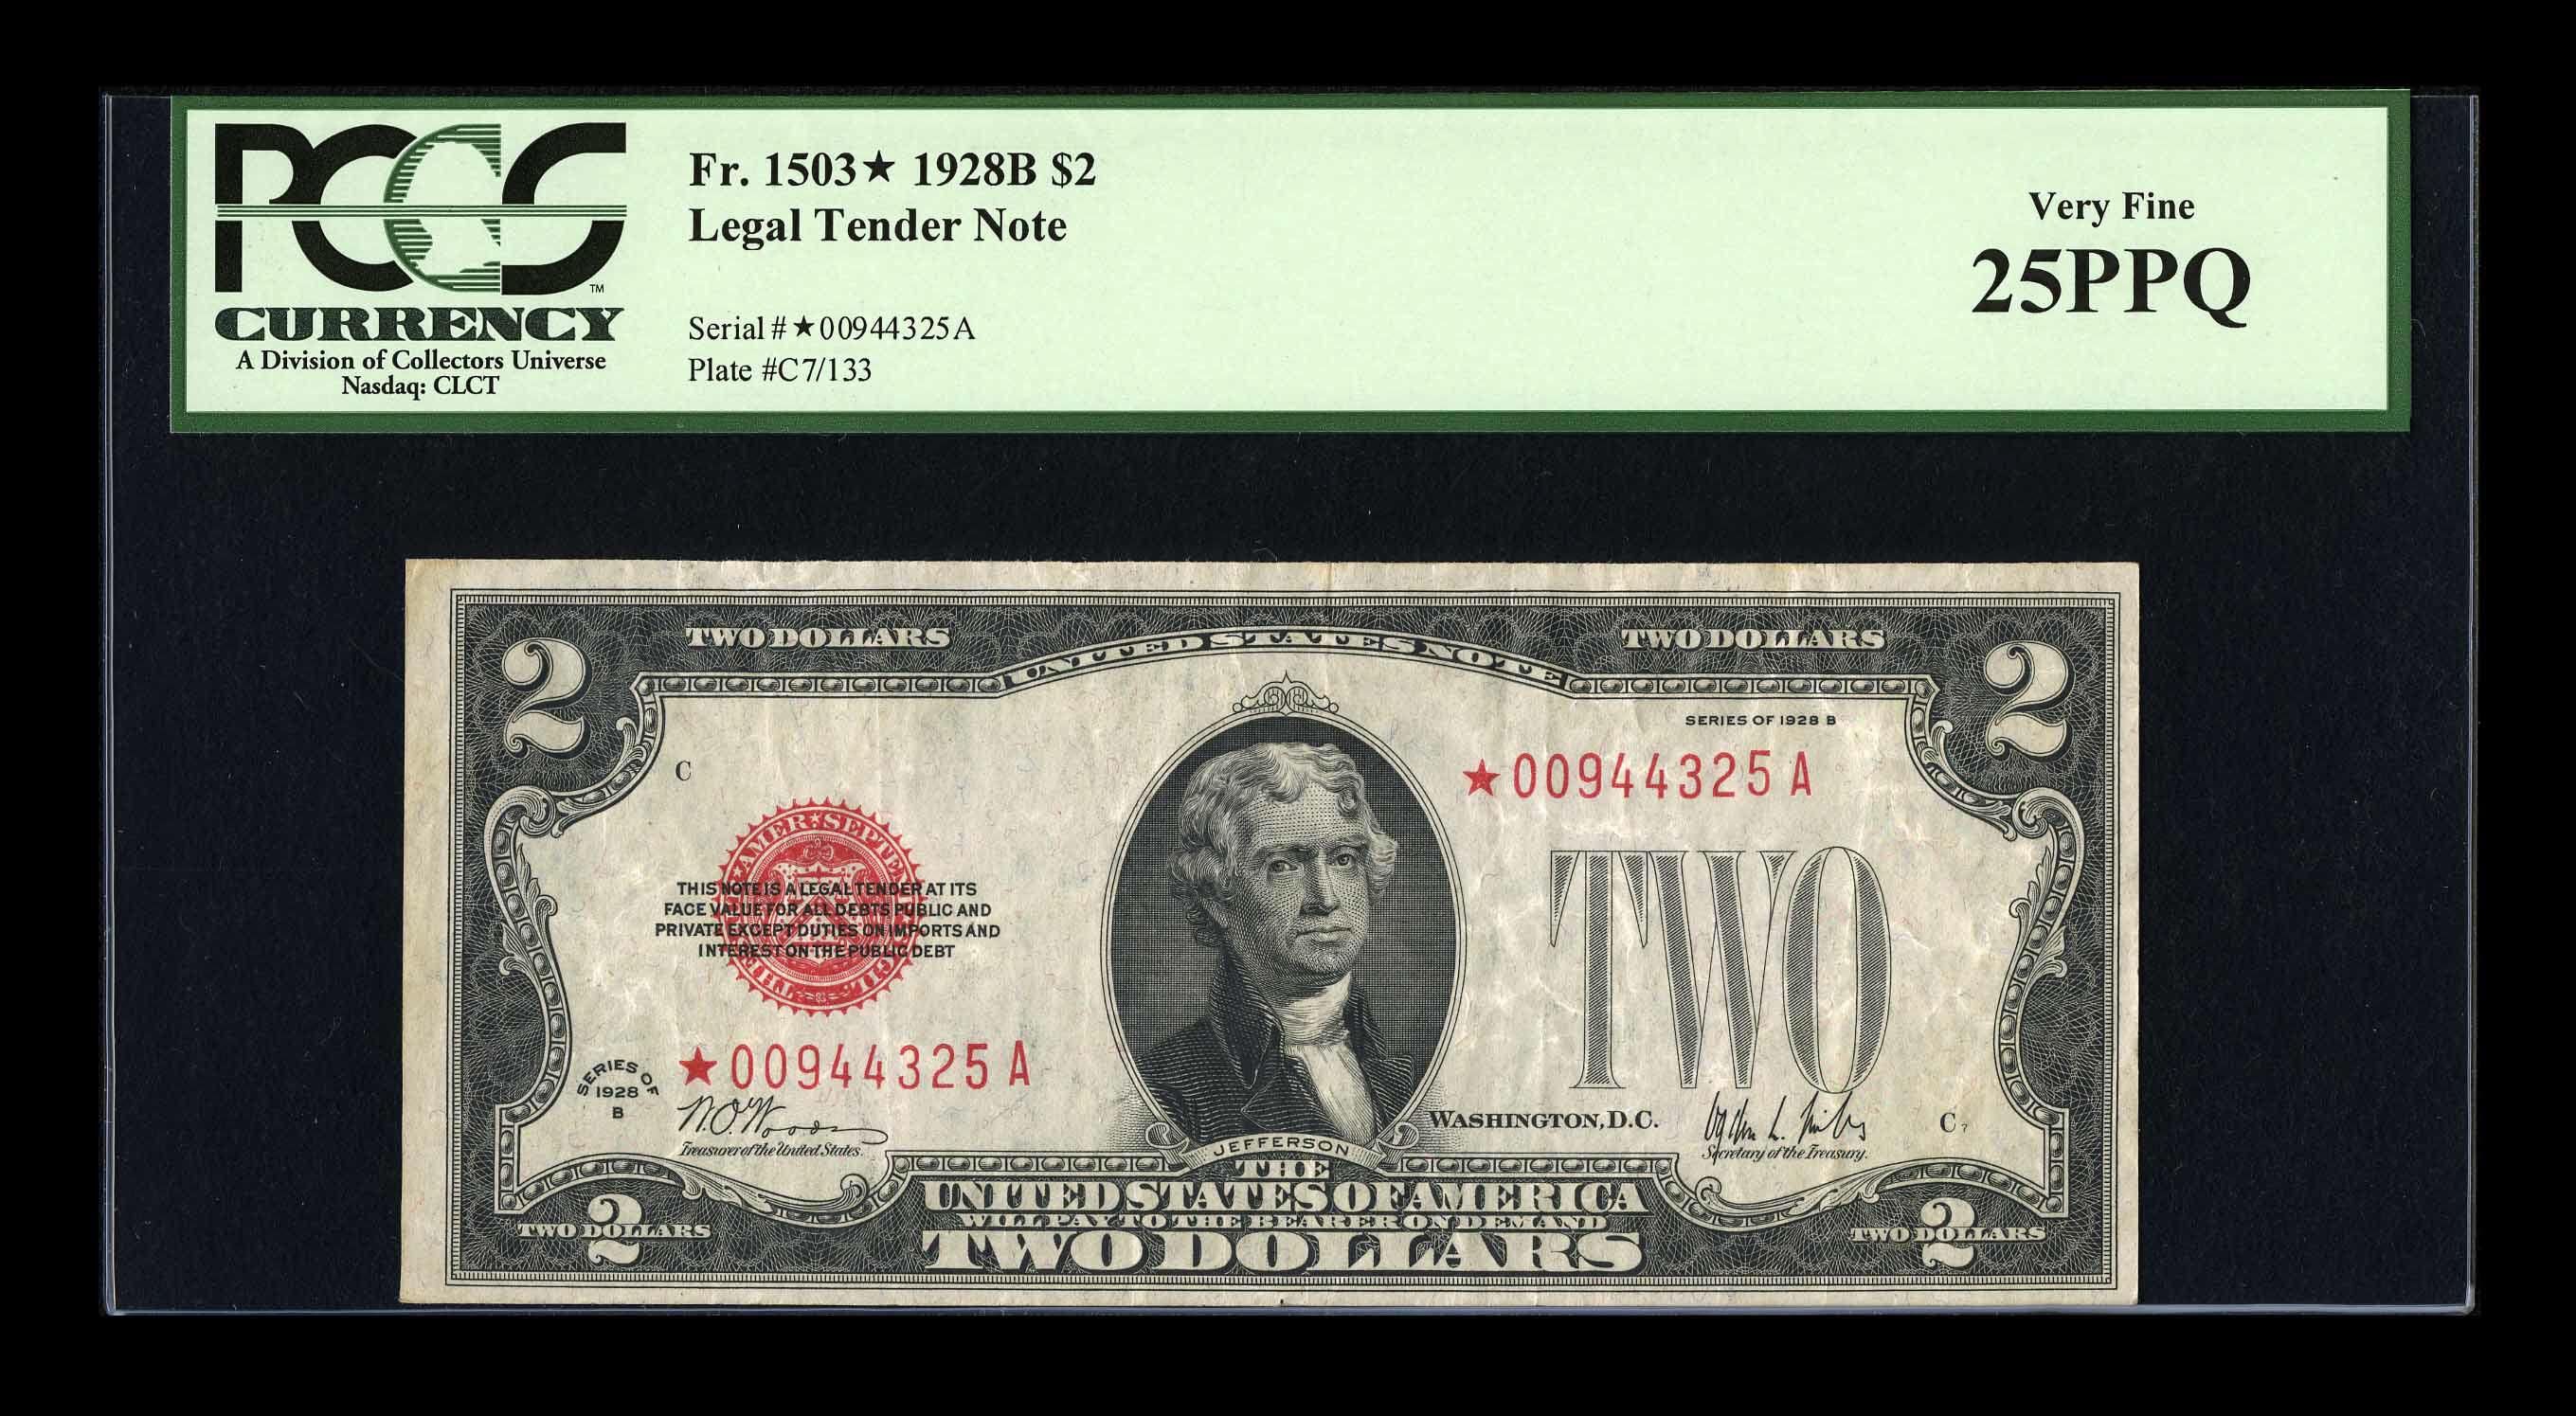 Fr. 1503* 1928B $2 Legal Tender Note - Woods-Mills - 8 Known